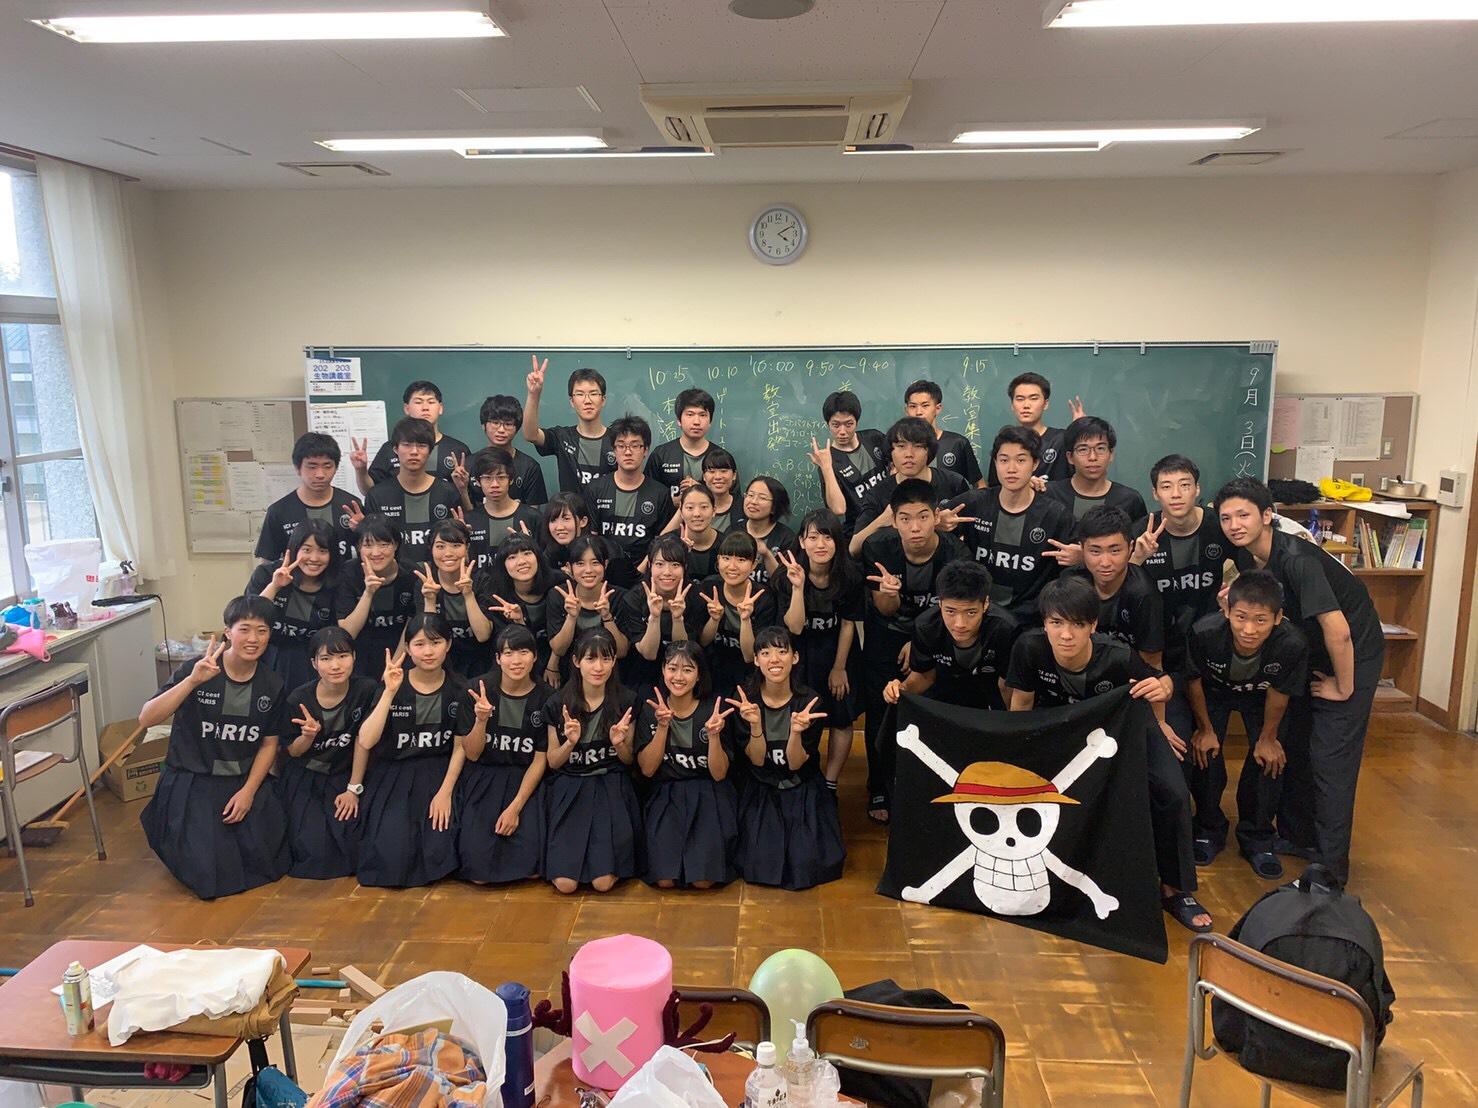 高校生クラスTシャツ2019京都府立洛北高校 (3-6)様(デカプリMAX)